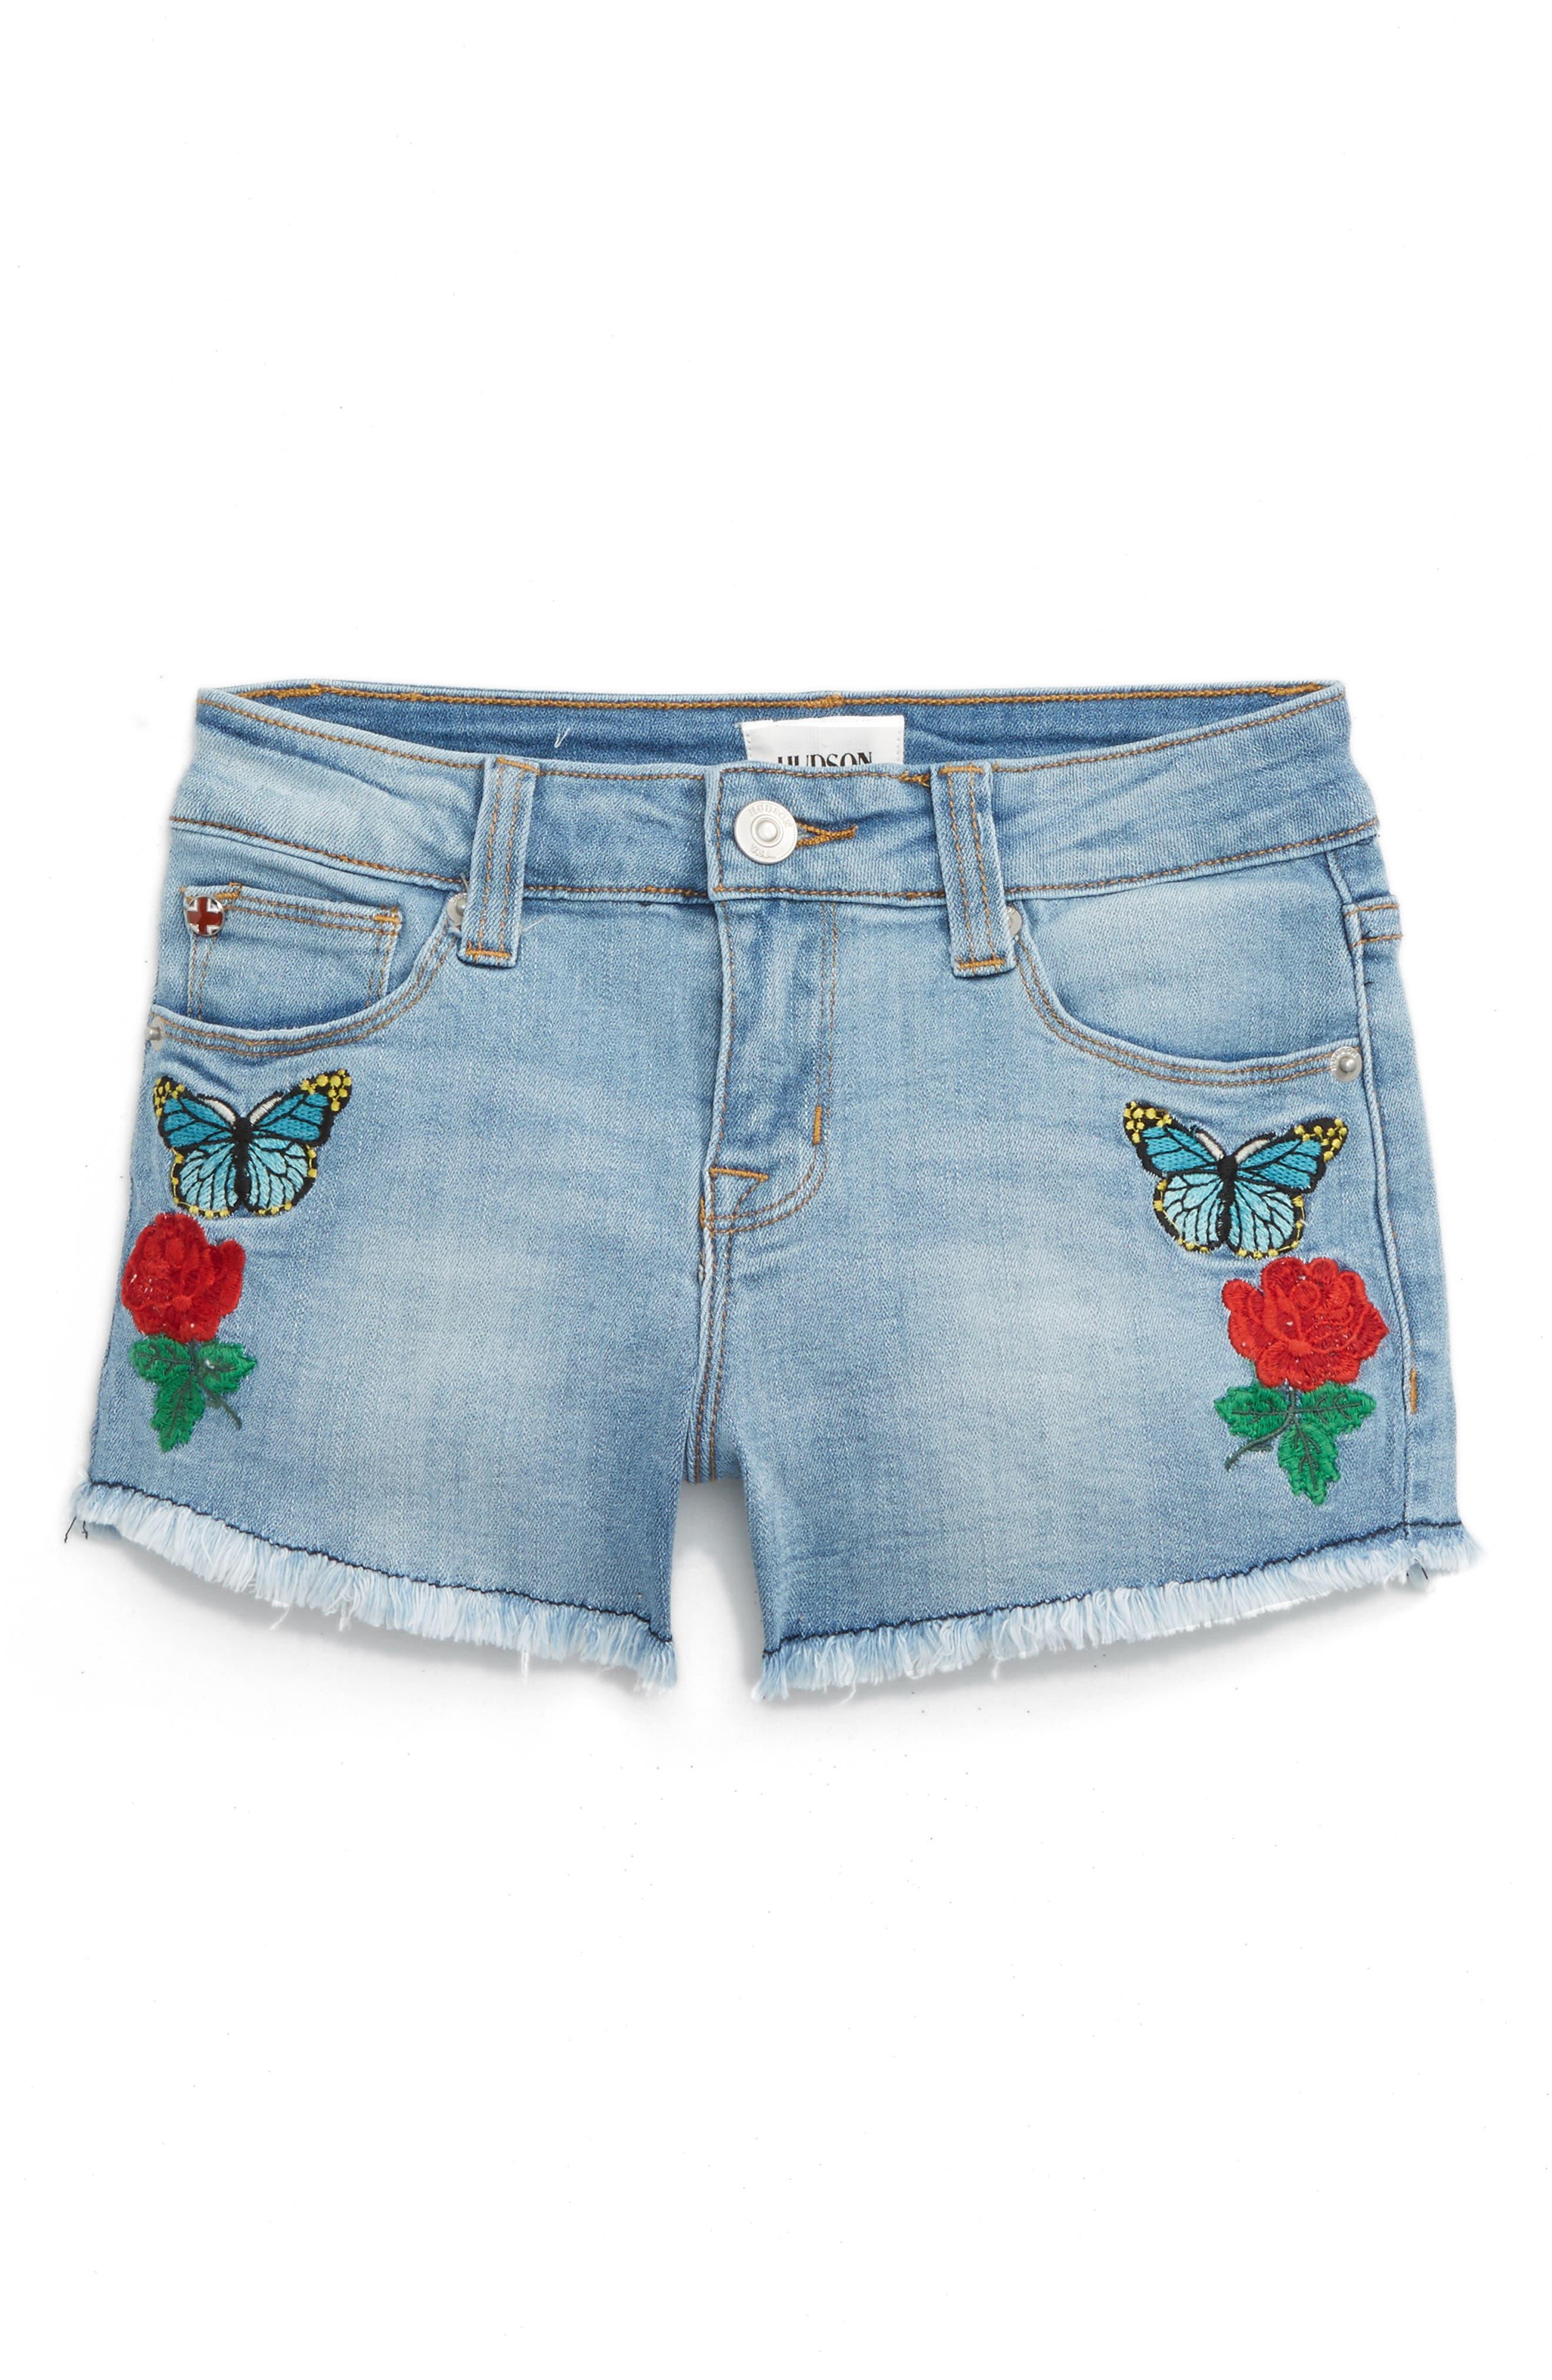 Hudson Flower Field Embroidered Denim Shorts (Big Girls)